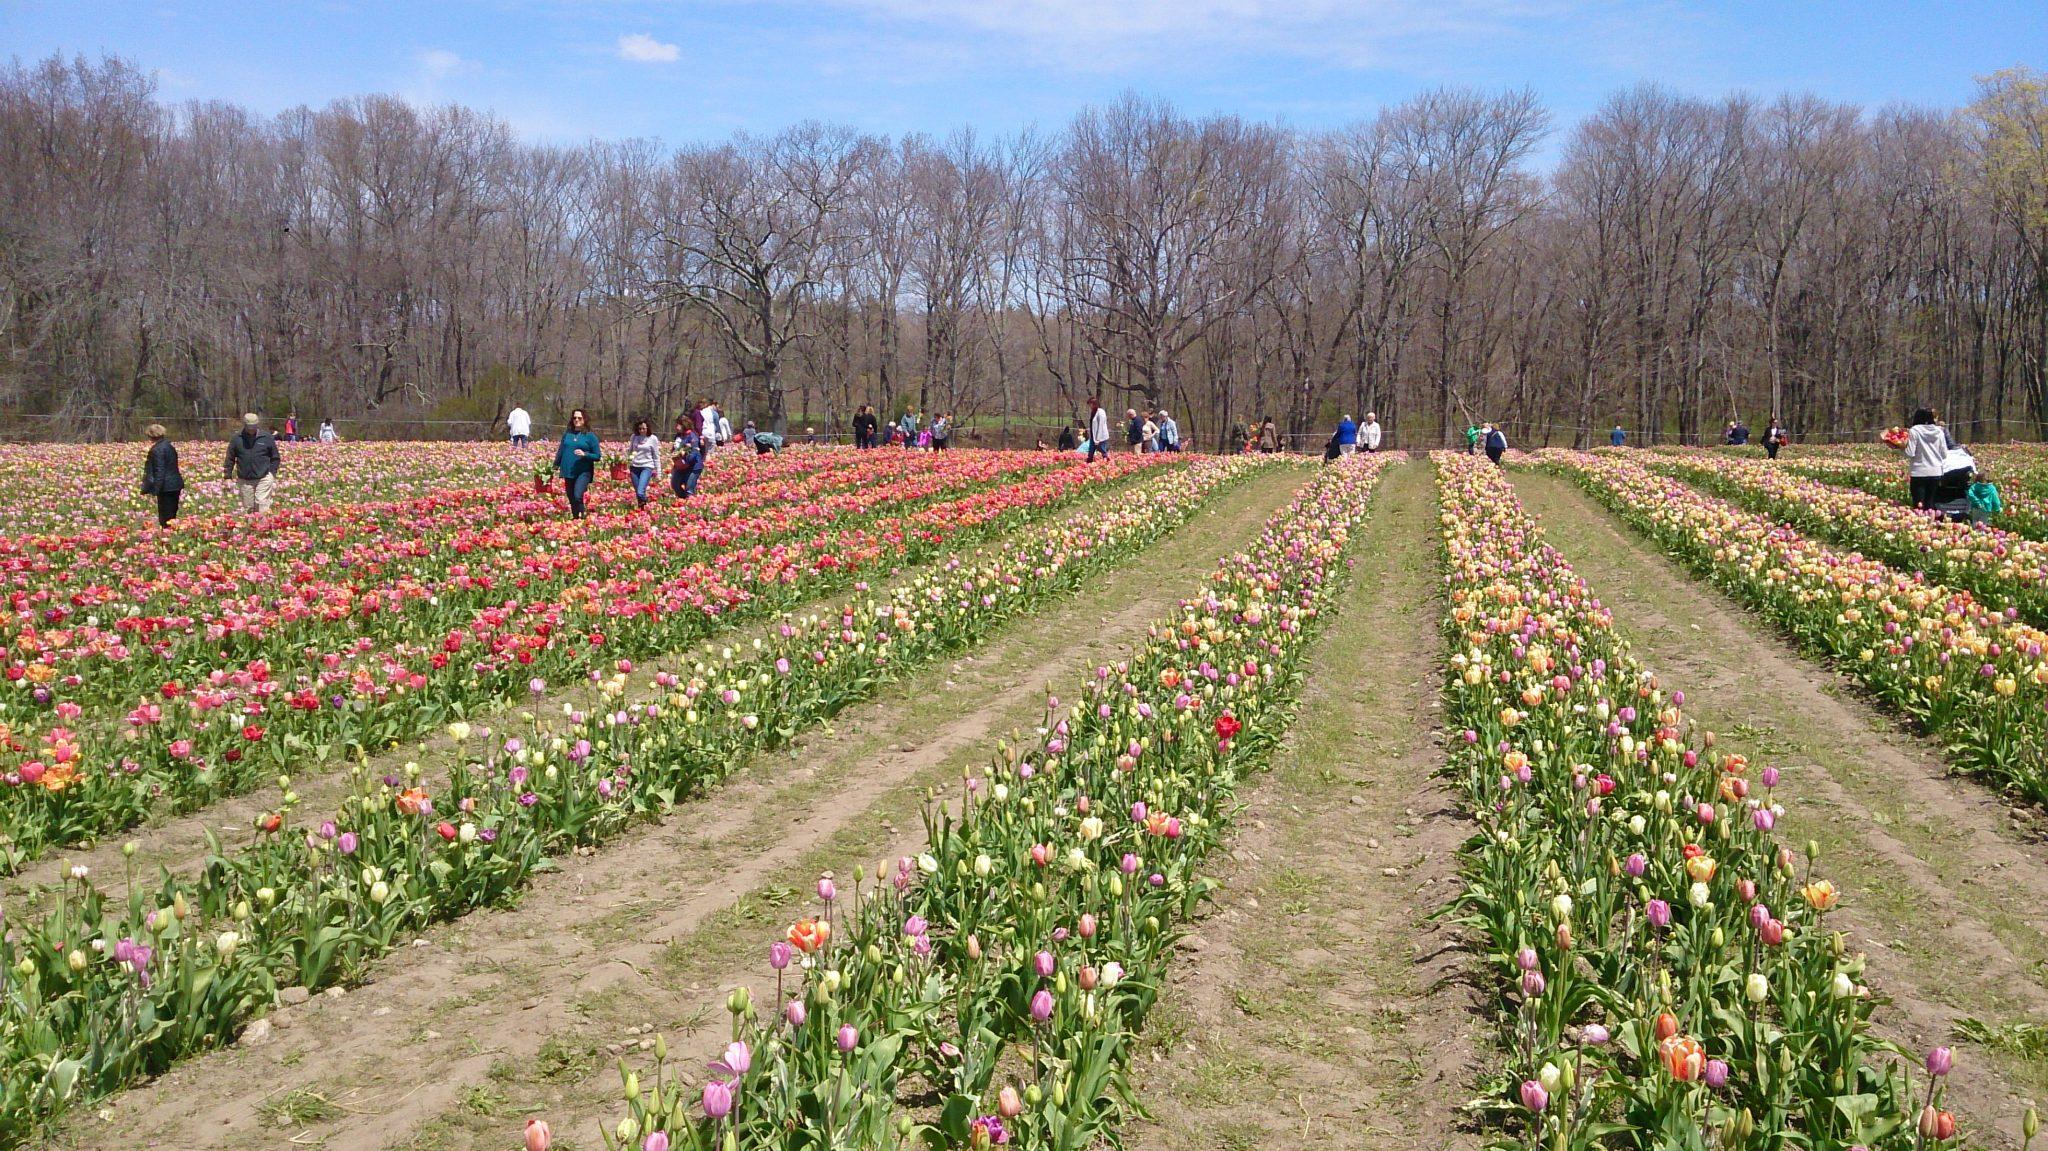 Piantare I Bulbi Di Tulipani un campo di tulipani alle porte di milano: l'idea di un olandese